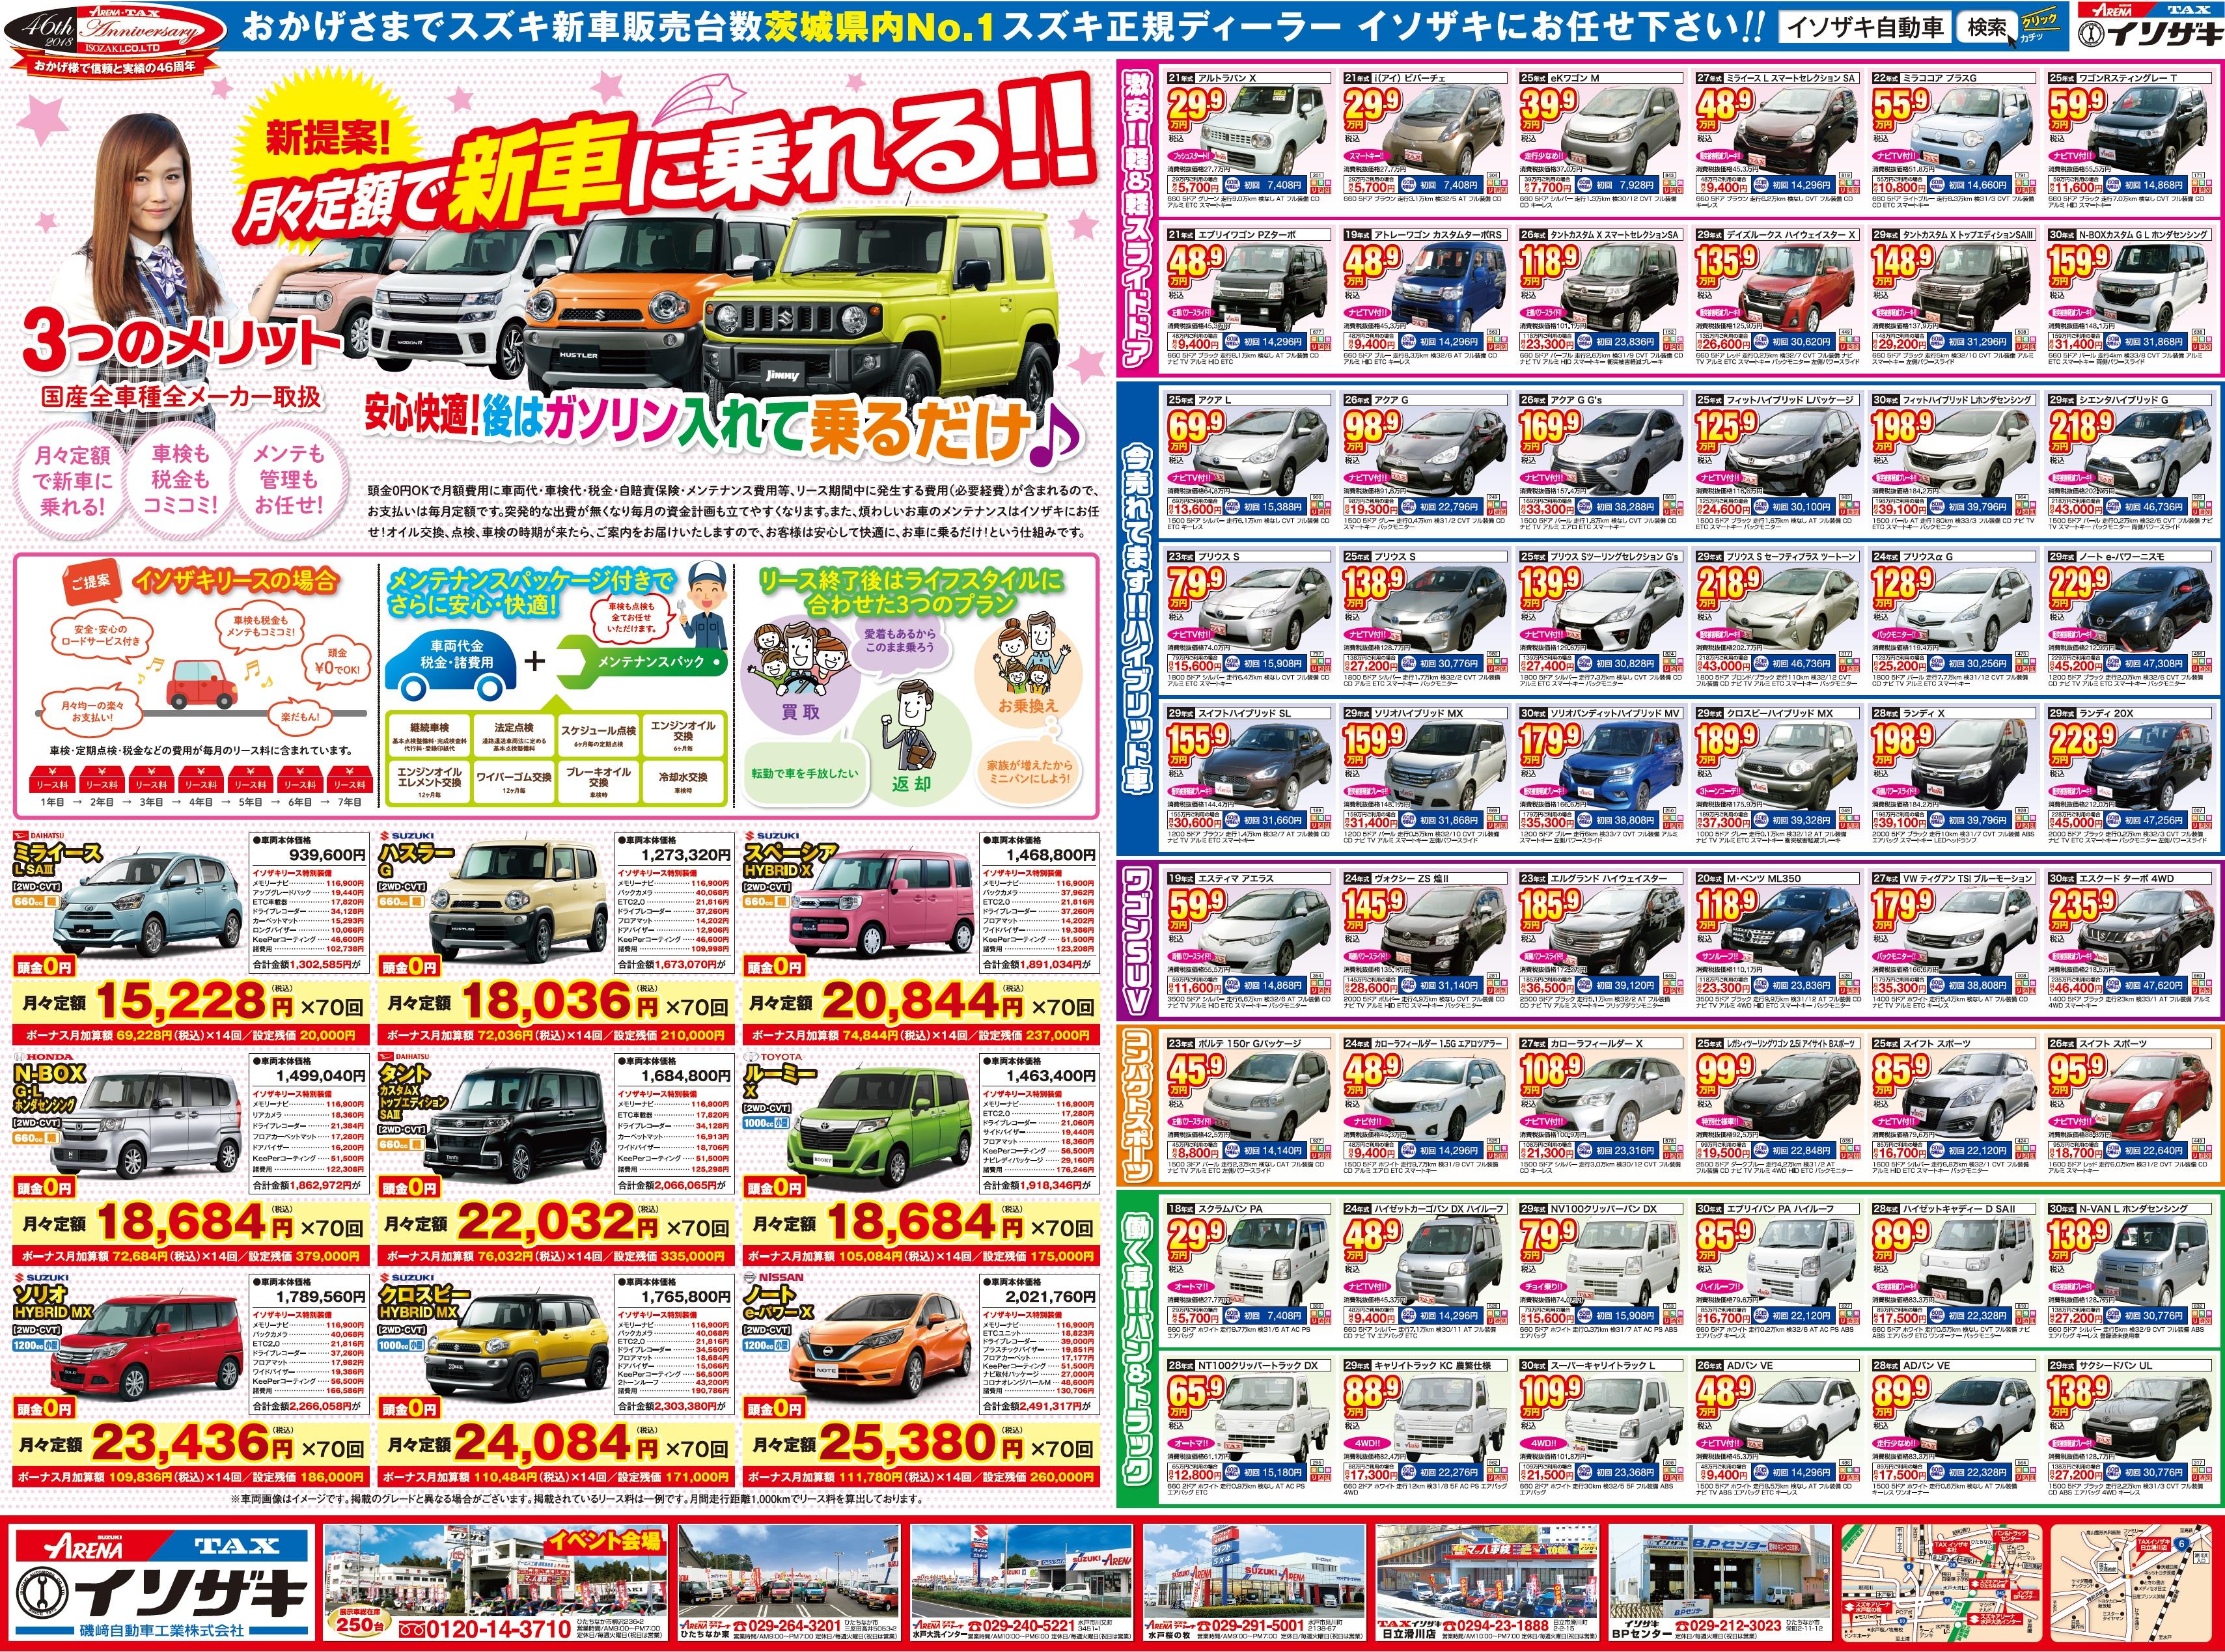 http://tax-isozaki.co.jp/blog/%E5%89%B5%E6%A5%AD%E7%A5%AD%E8%A3%8FJPG.jpg